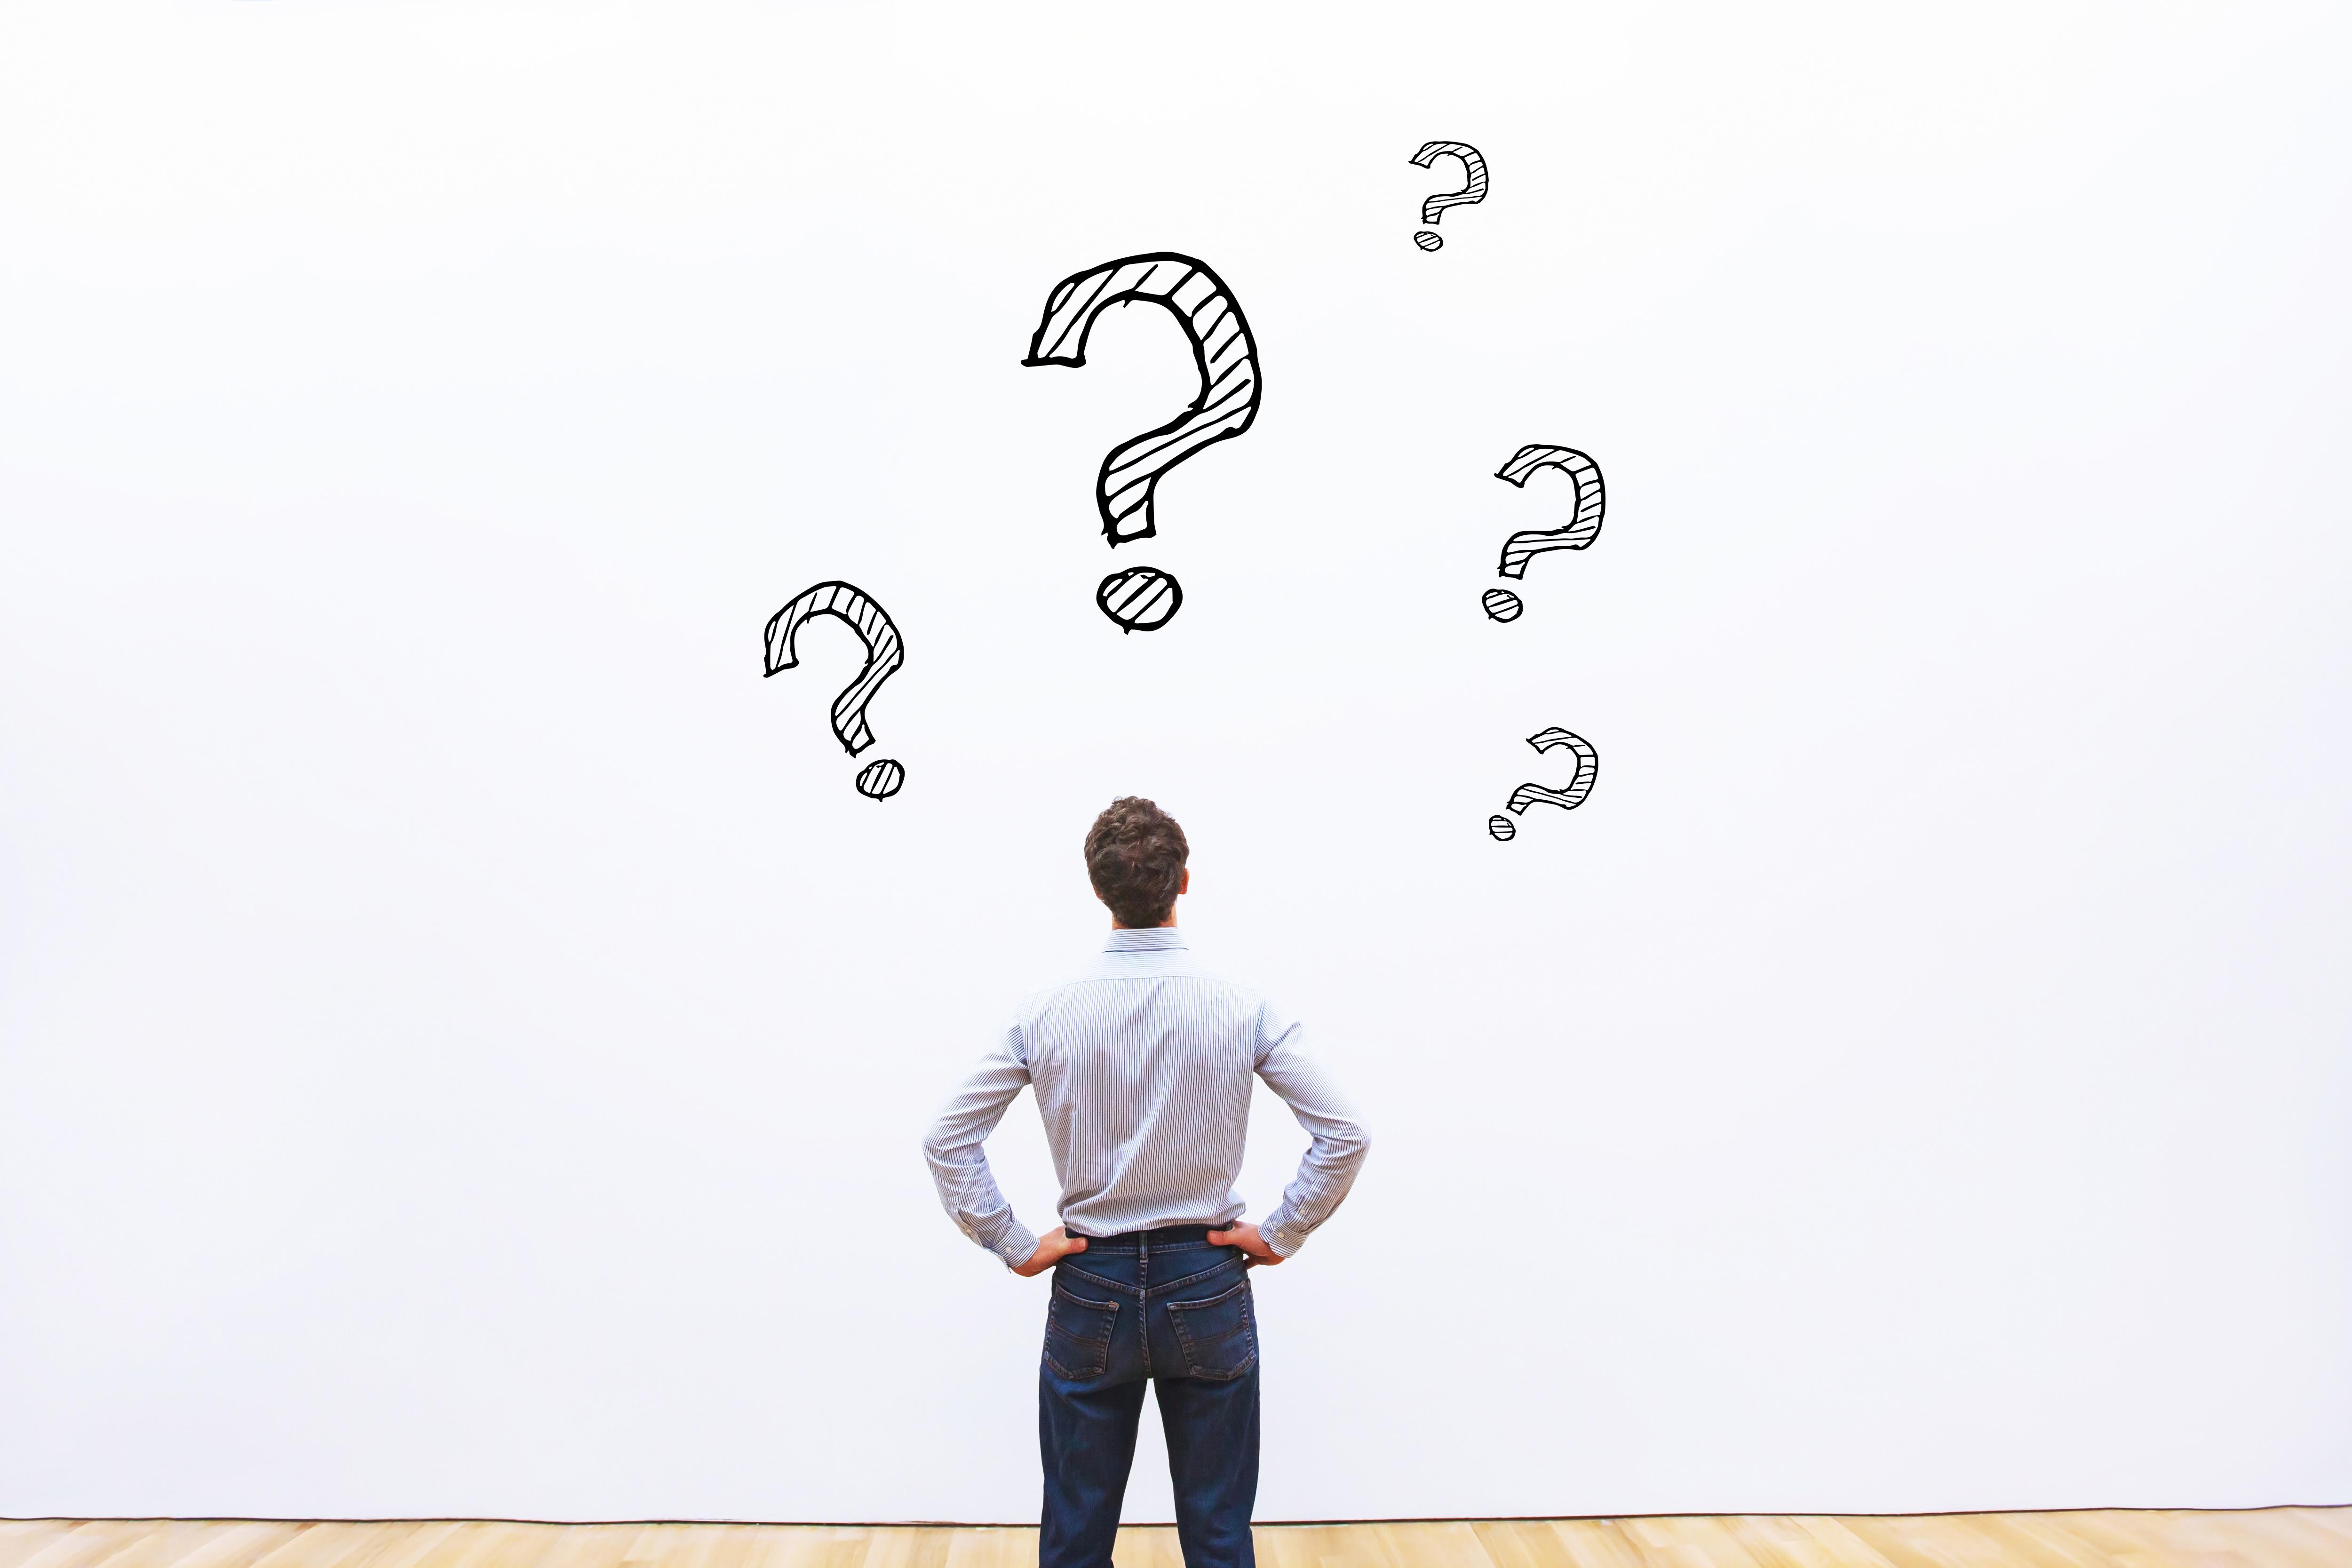 Witzige Allgemeinwissens Fragen Lustige Quizfragen Mit Antworten